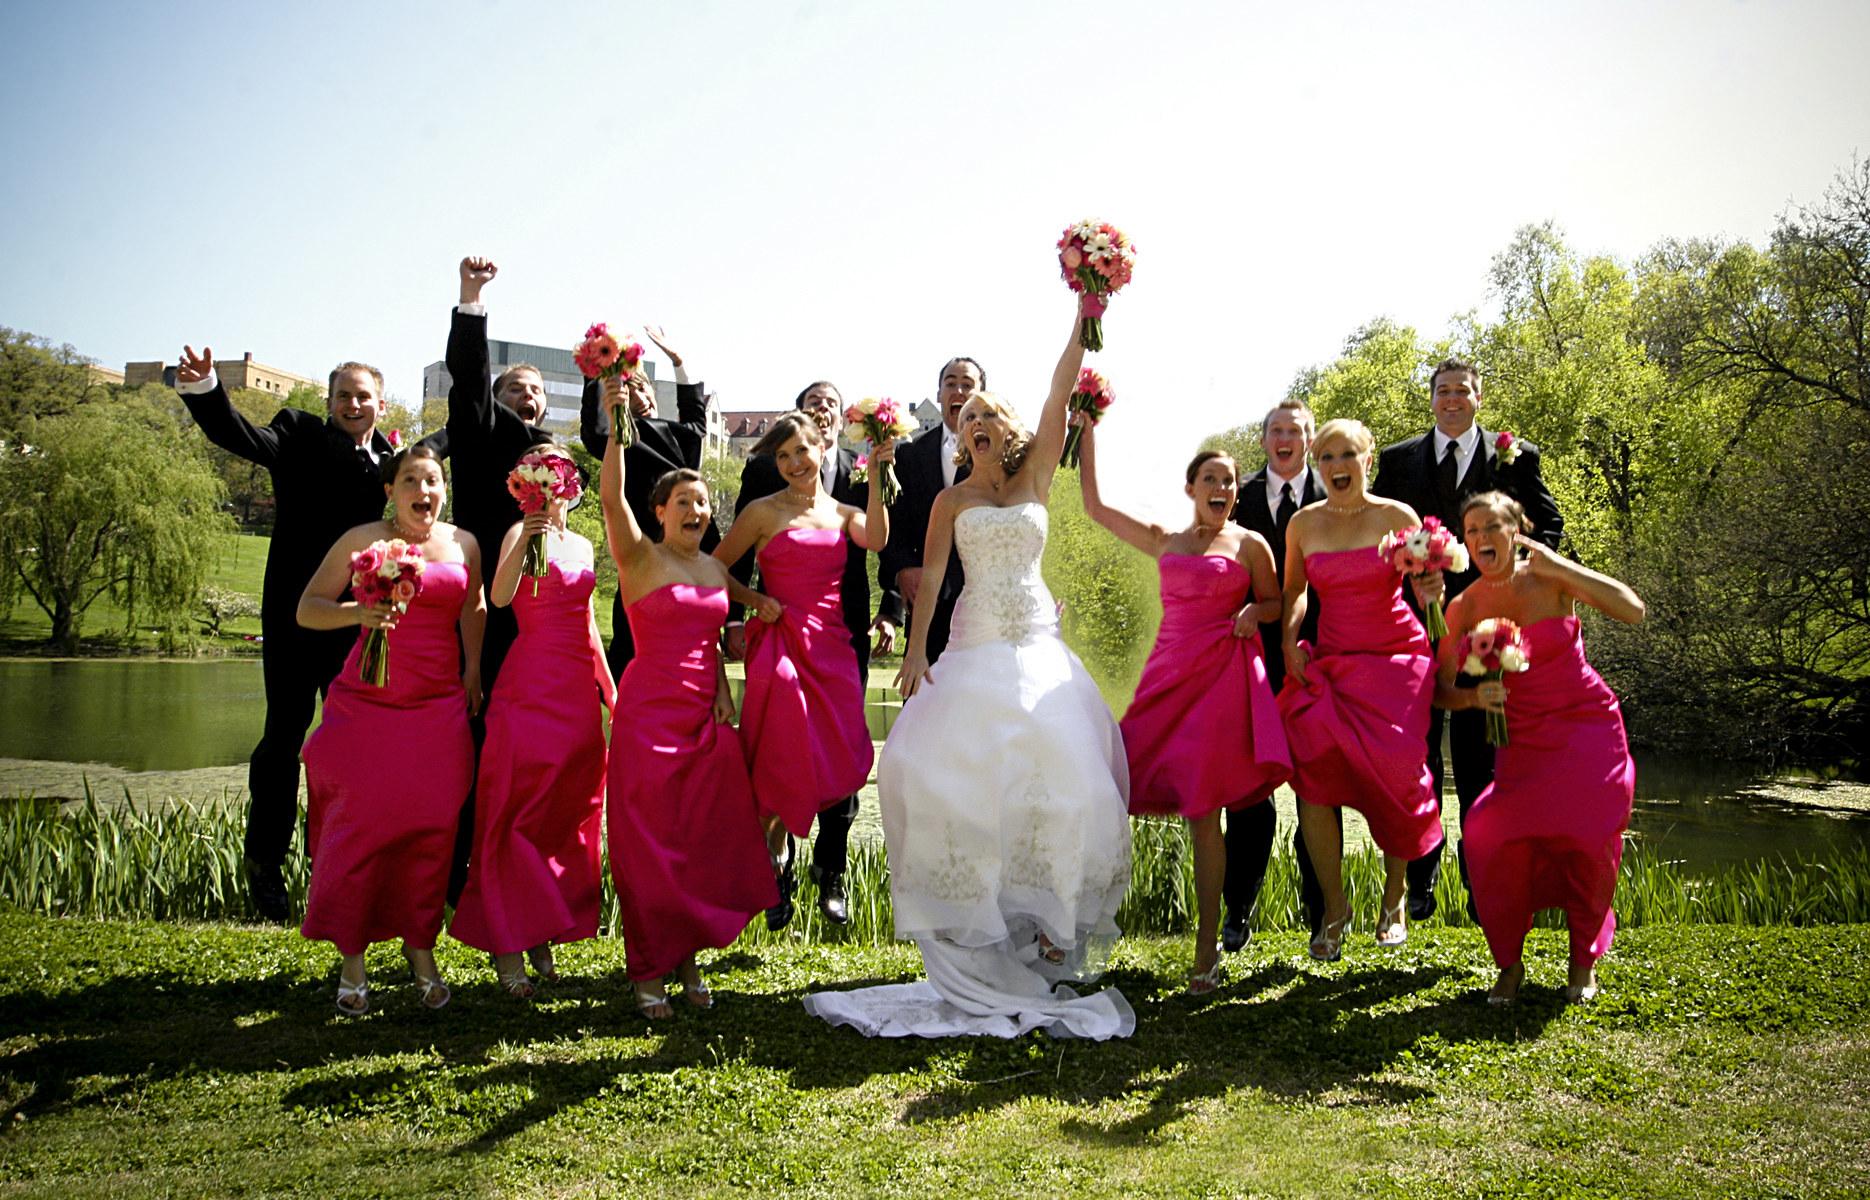 跳跃为照片的婚礼聚会